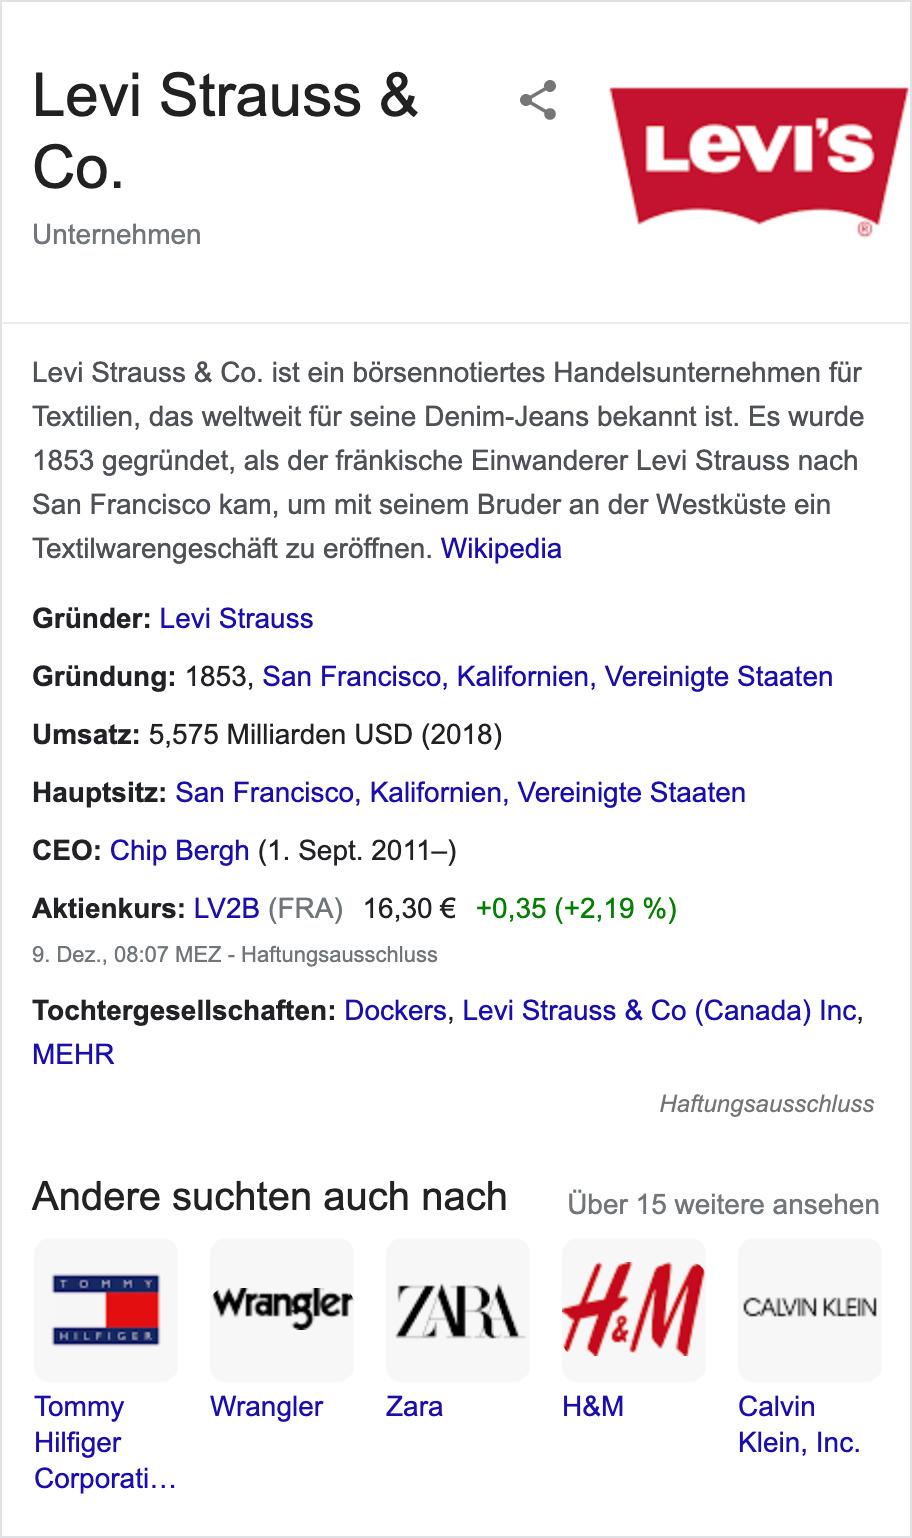 """Knowledge Graph, der in den Google Suchergebnissen für den Suchbegriff """"levi strauss & co"""" angezeigt wird. Im Knowledge Graph werden Informationen über den Gründer der Firma, Hauptsitz, Aktienkurs usw. angezeigt."""